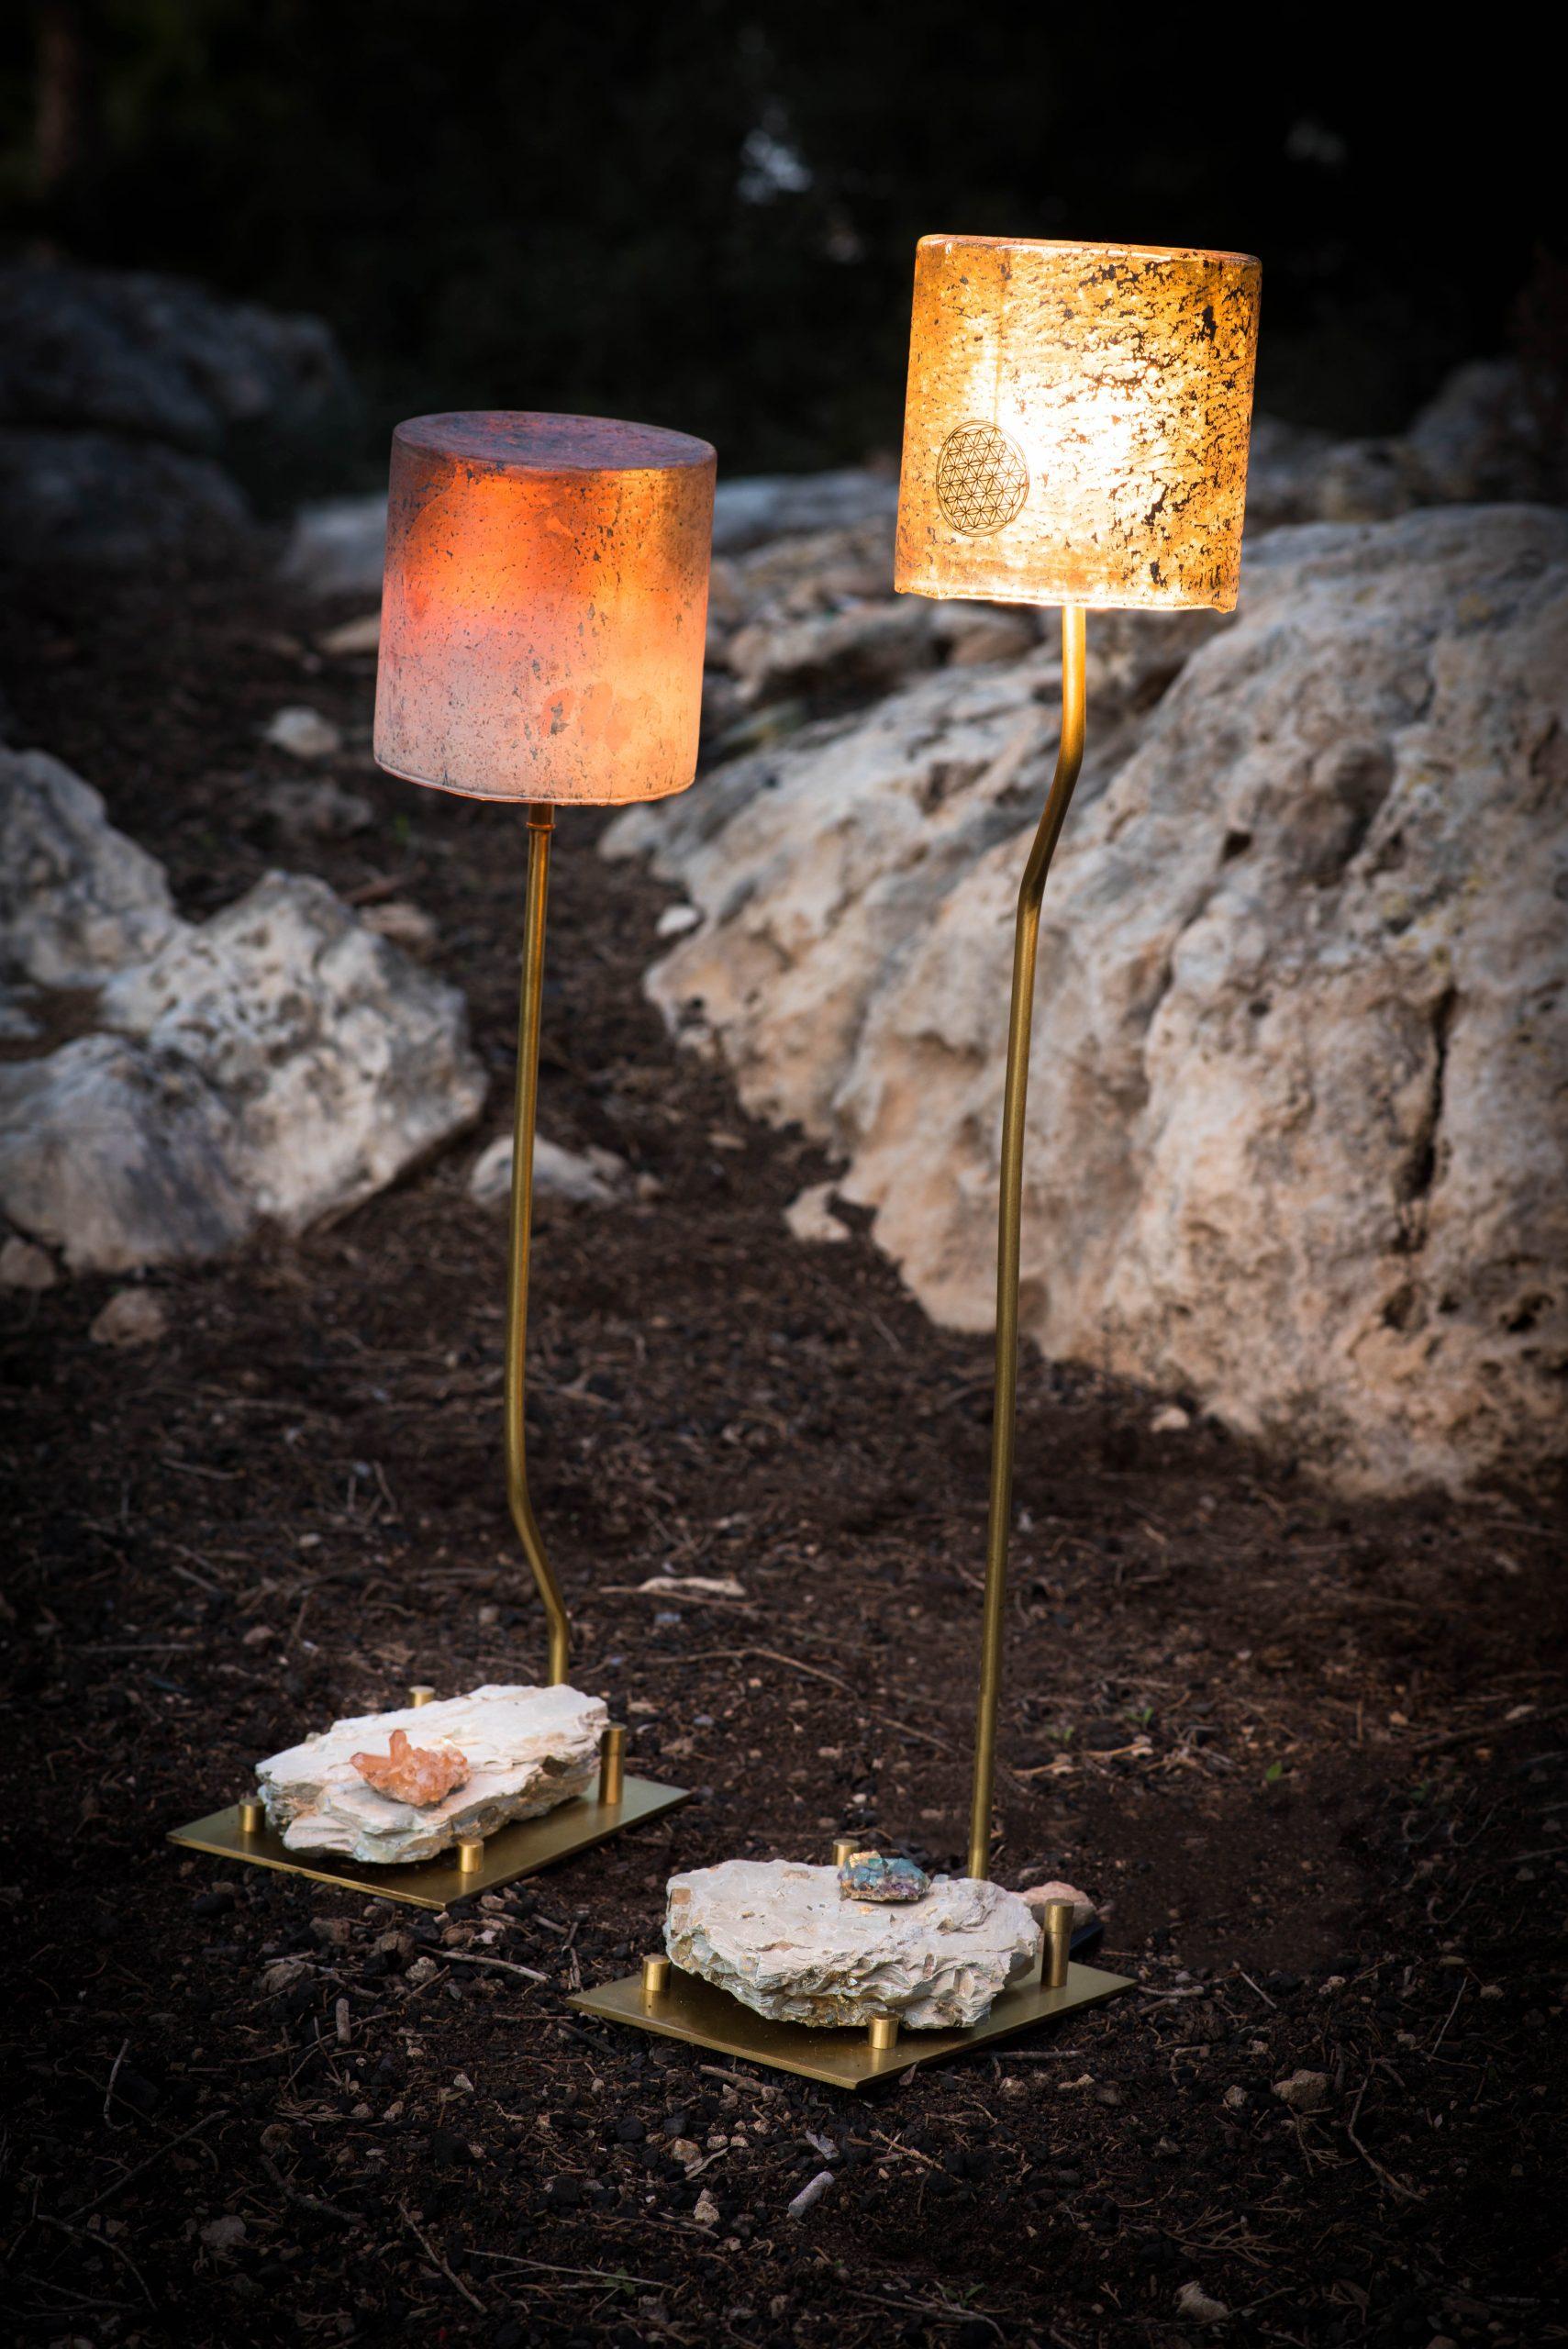 Crystal lighting for spa